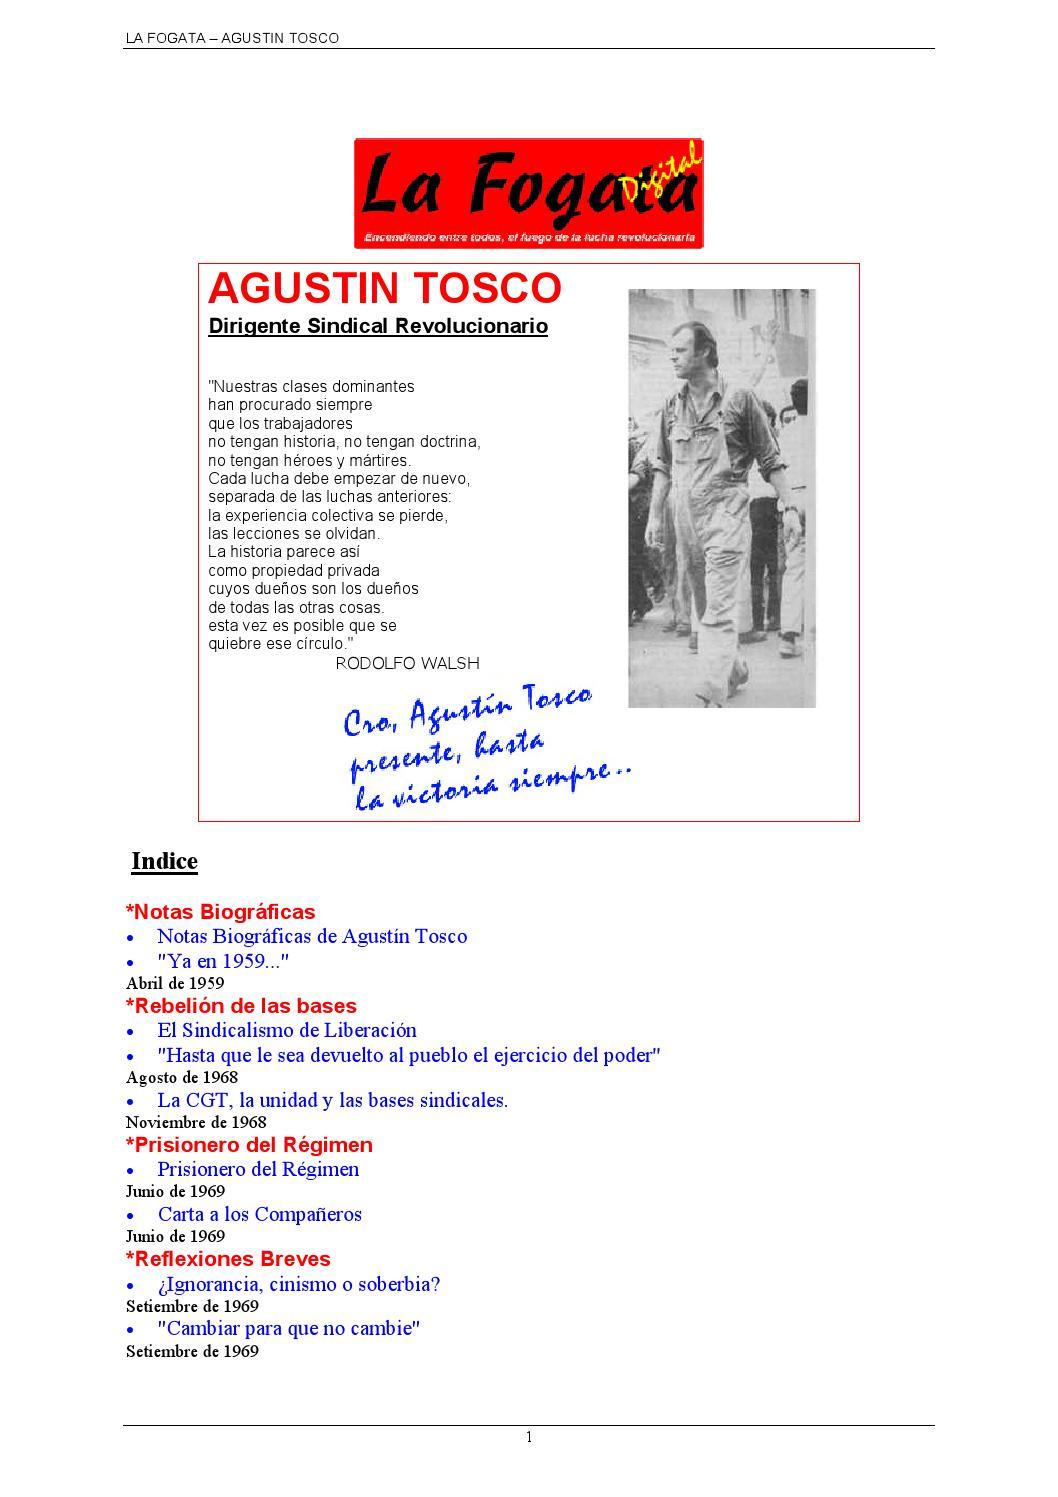 La Fogata - Tosco by Alvaro Sandoval - issuu f7de3c488c634